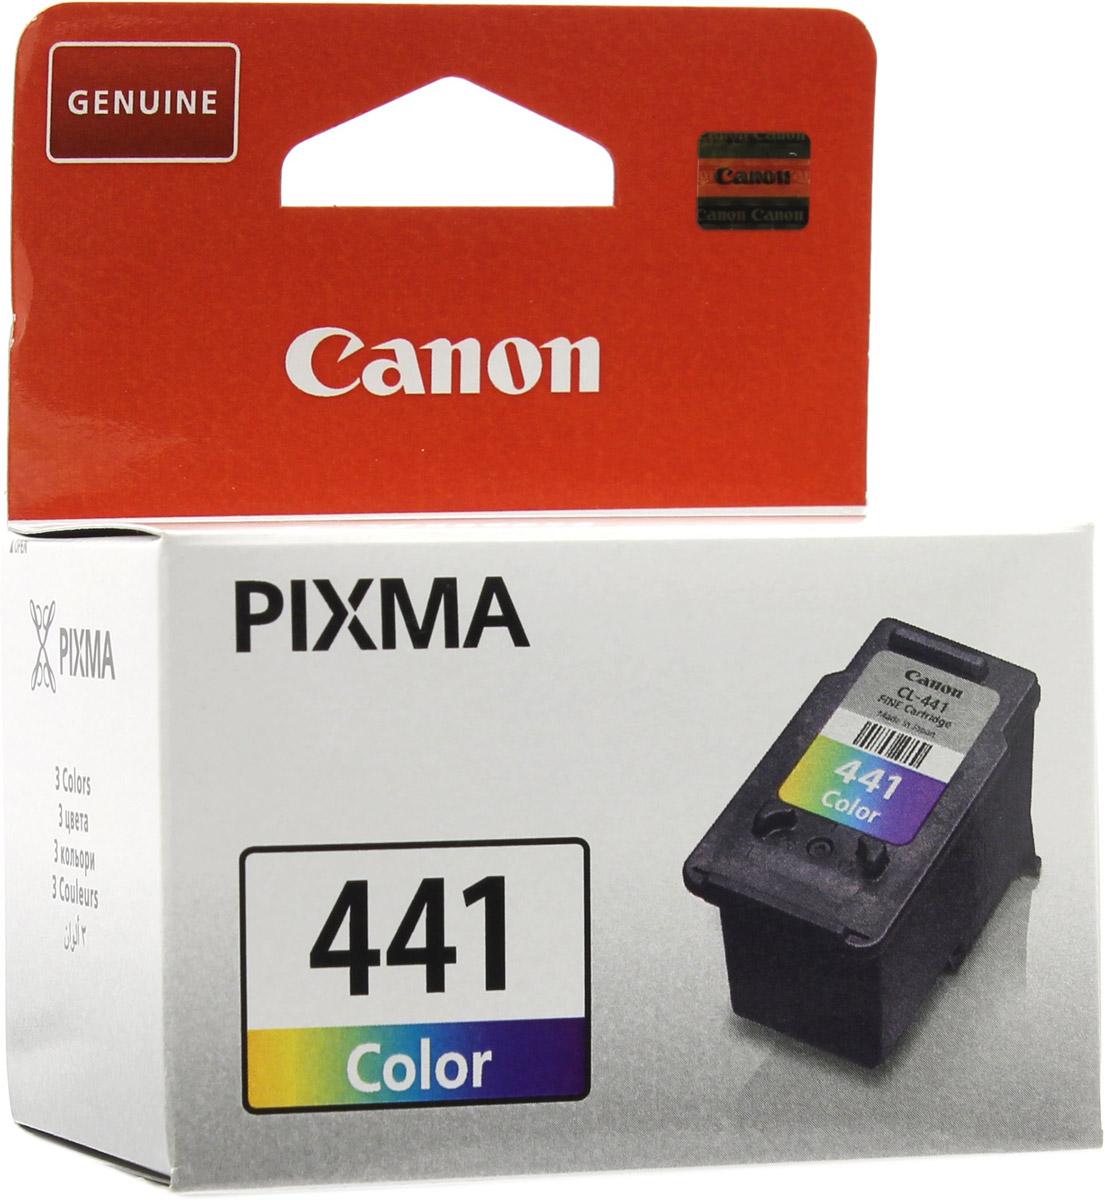 Canon CL-441CMY цветной картридж для струйных МФУ/принтеров цена